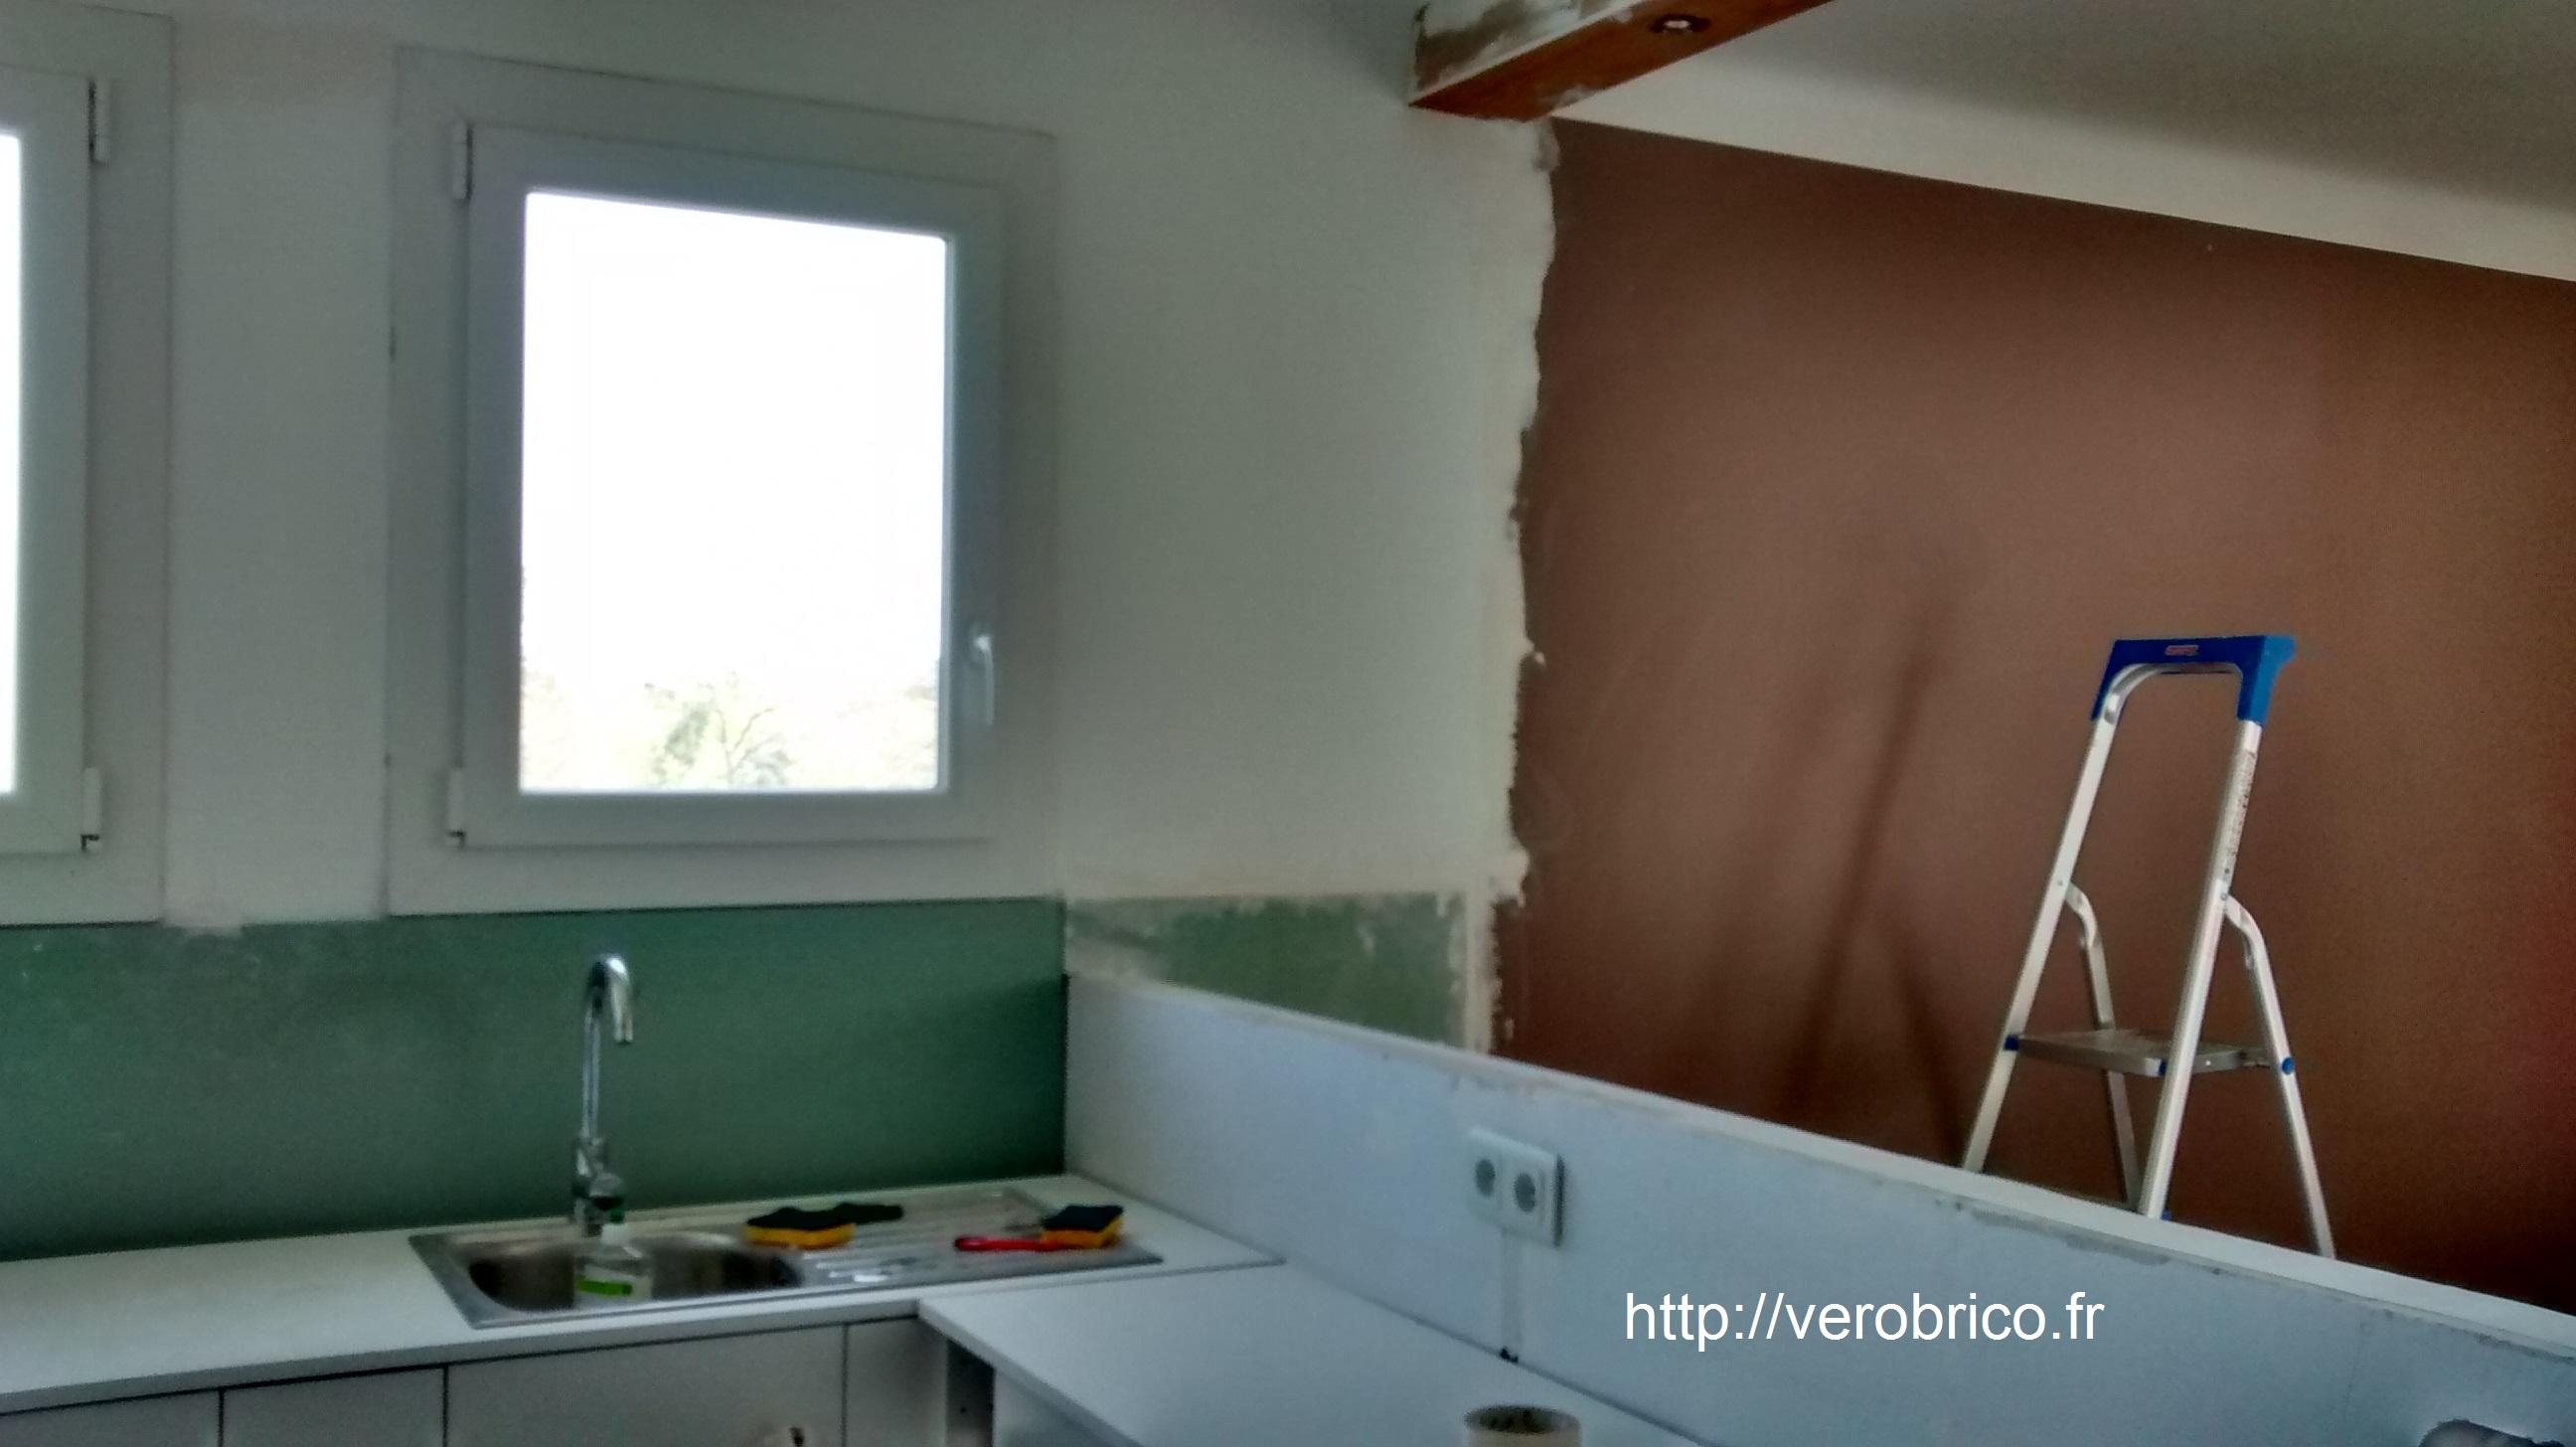 Choisir marque peinture murale id e inspirante pour la conception de la maison for Quelle peinture choisir